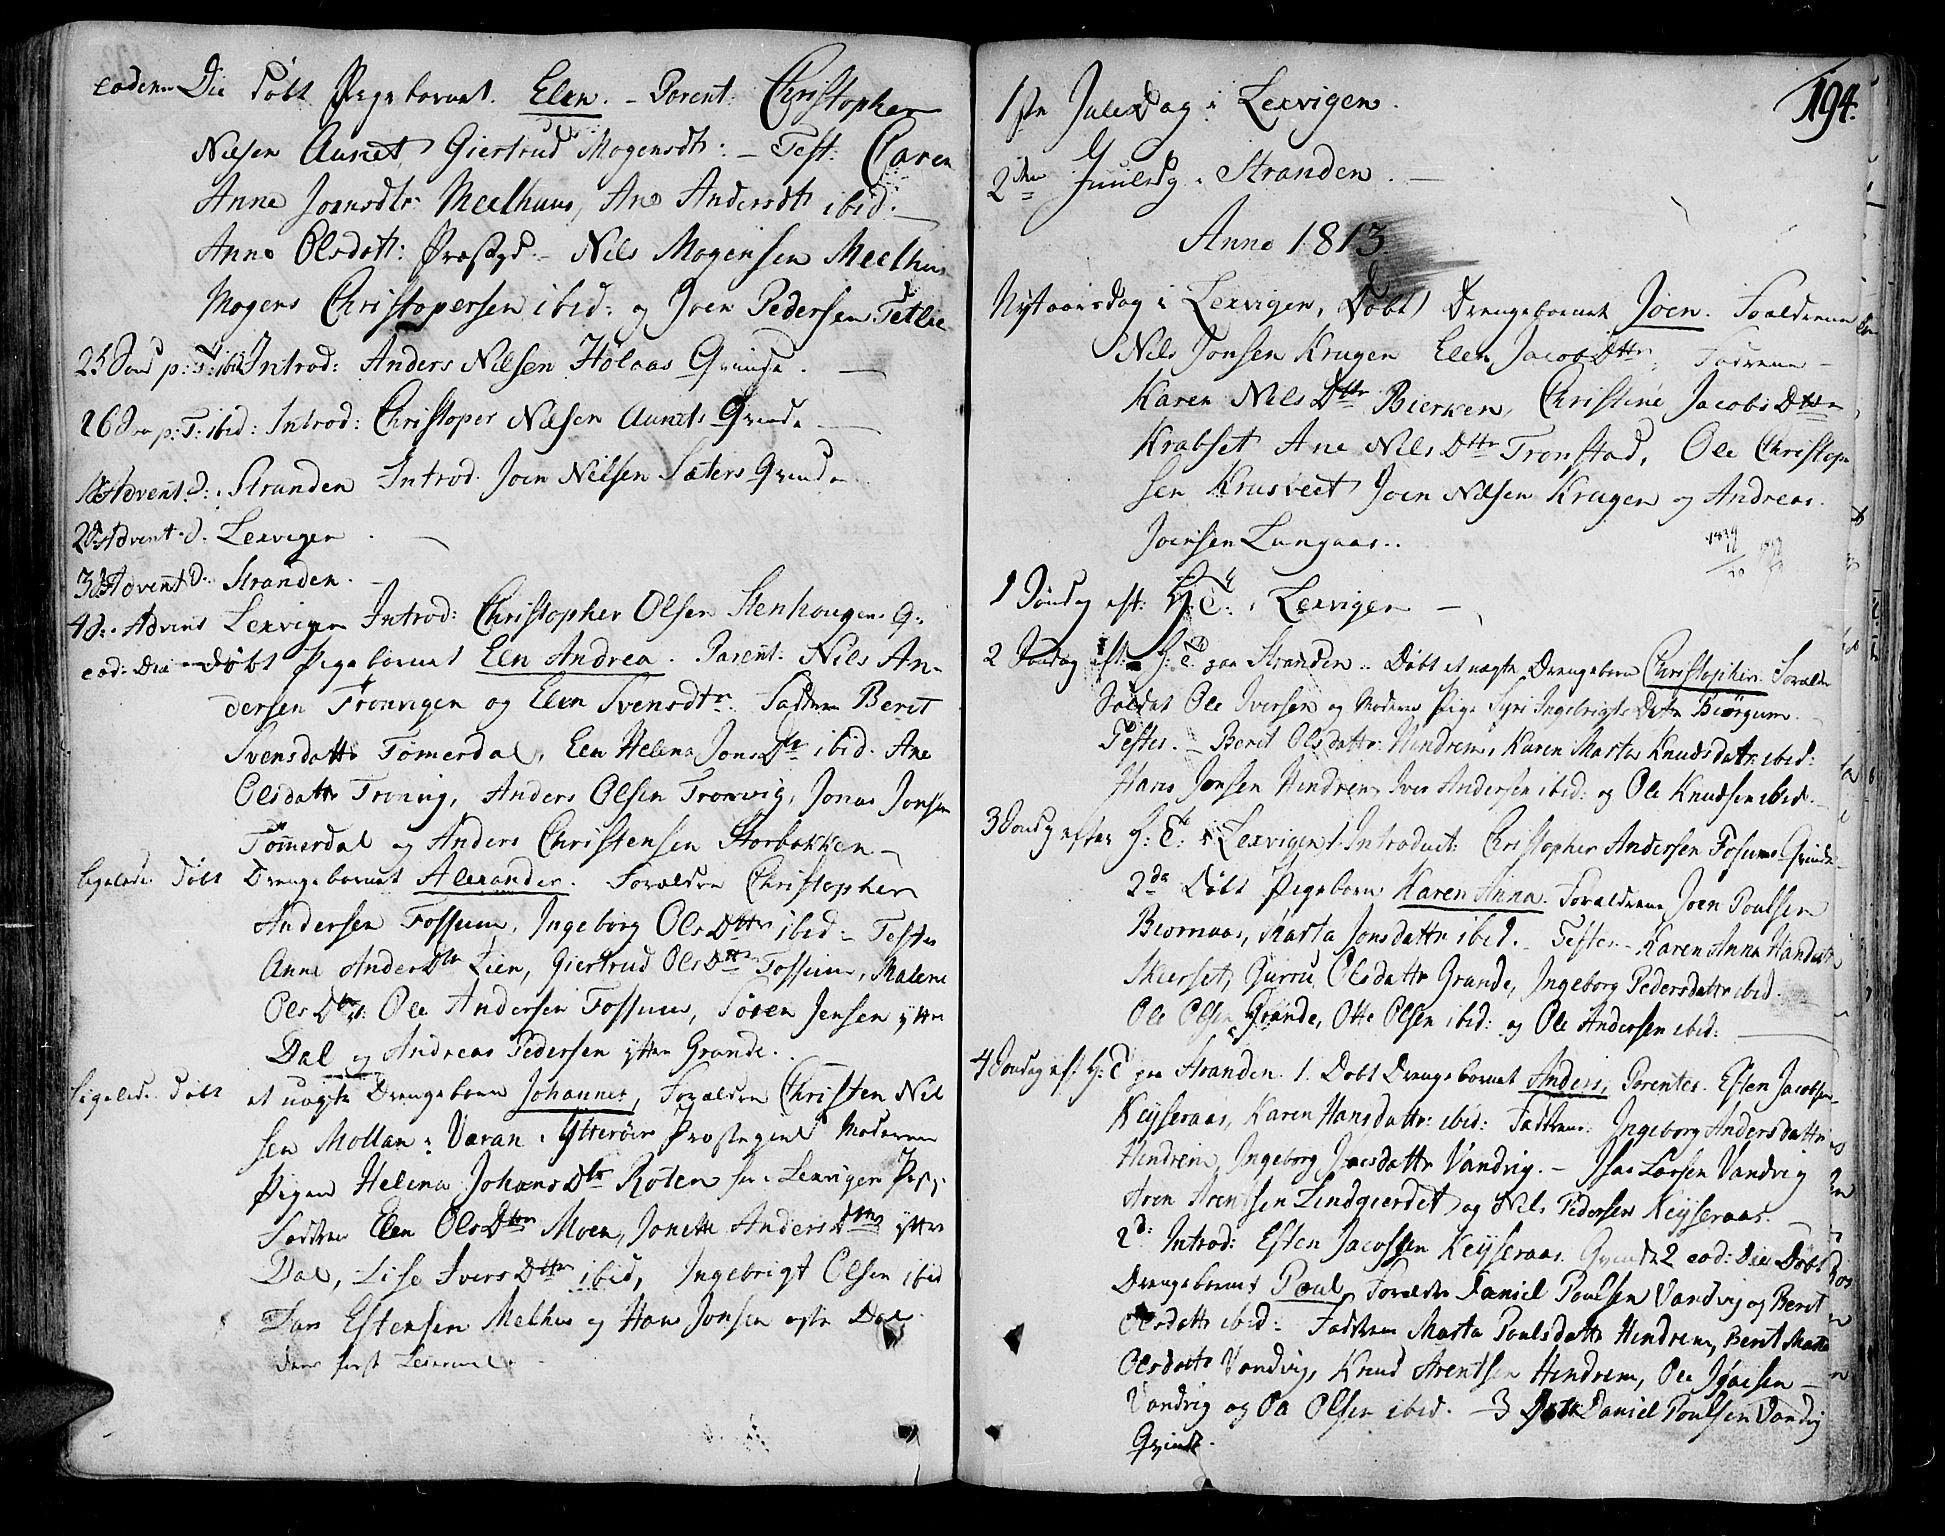 SAT, Ministerialprotokoller, klokkerbøker og fødselsregistre - Nord-Trøndelag, 701/L0004: Ministerialbok nr. 701A04, 1783-1816, s. 194